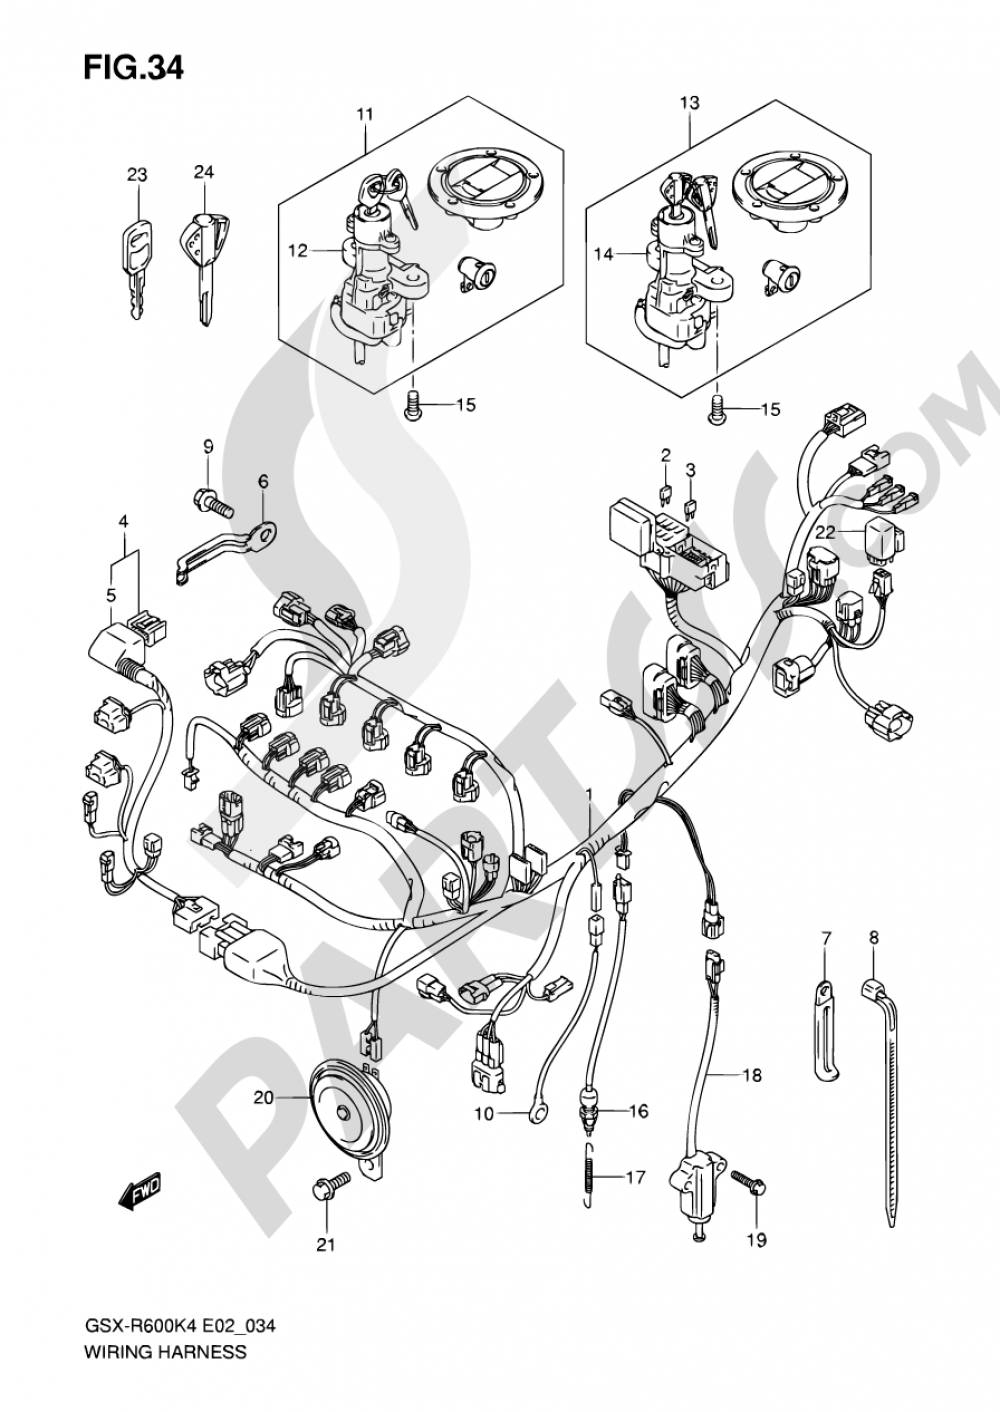 34 - WIRING HARNESS Suzuki GSX-R600 2005 K Gsx R Wiring Diagram on